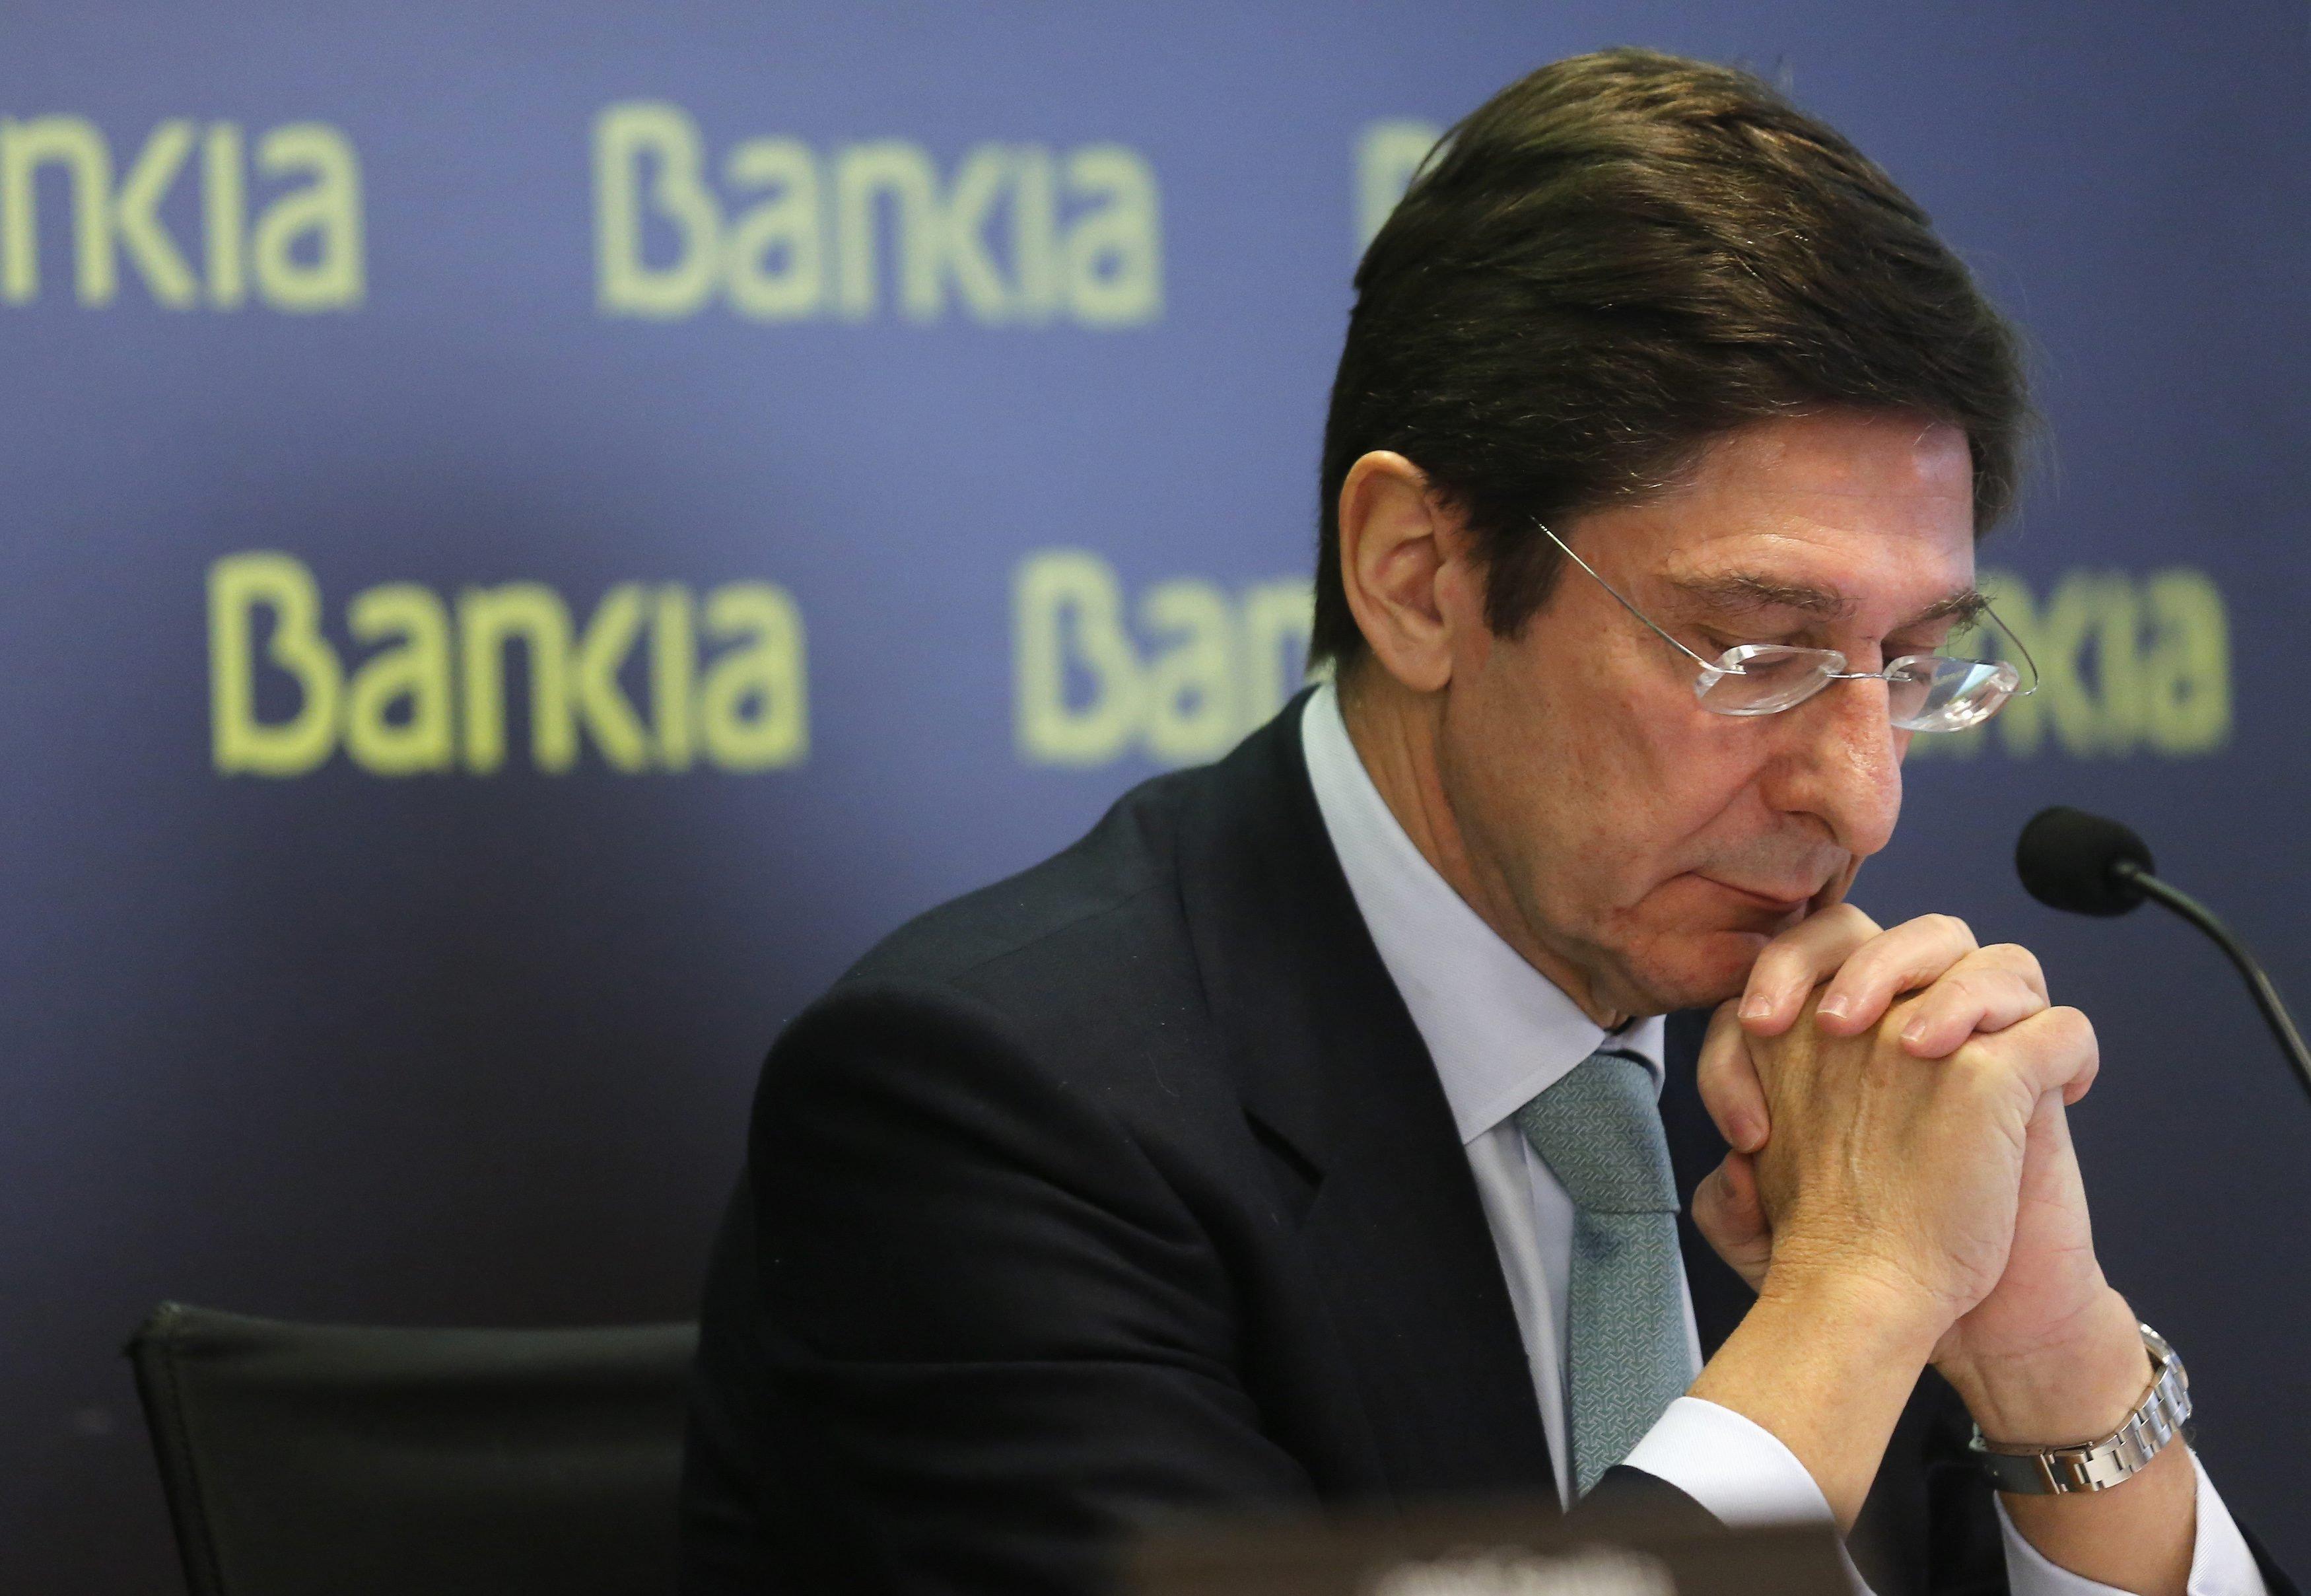 A José Ignacio Goirigolzarri le preocupa la actitud de la fiscal Carmen Launa